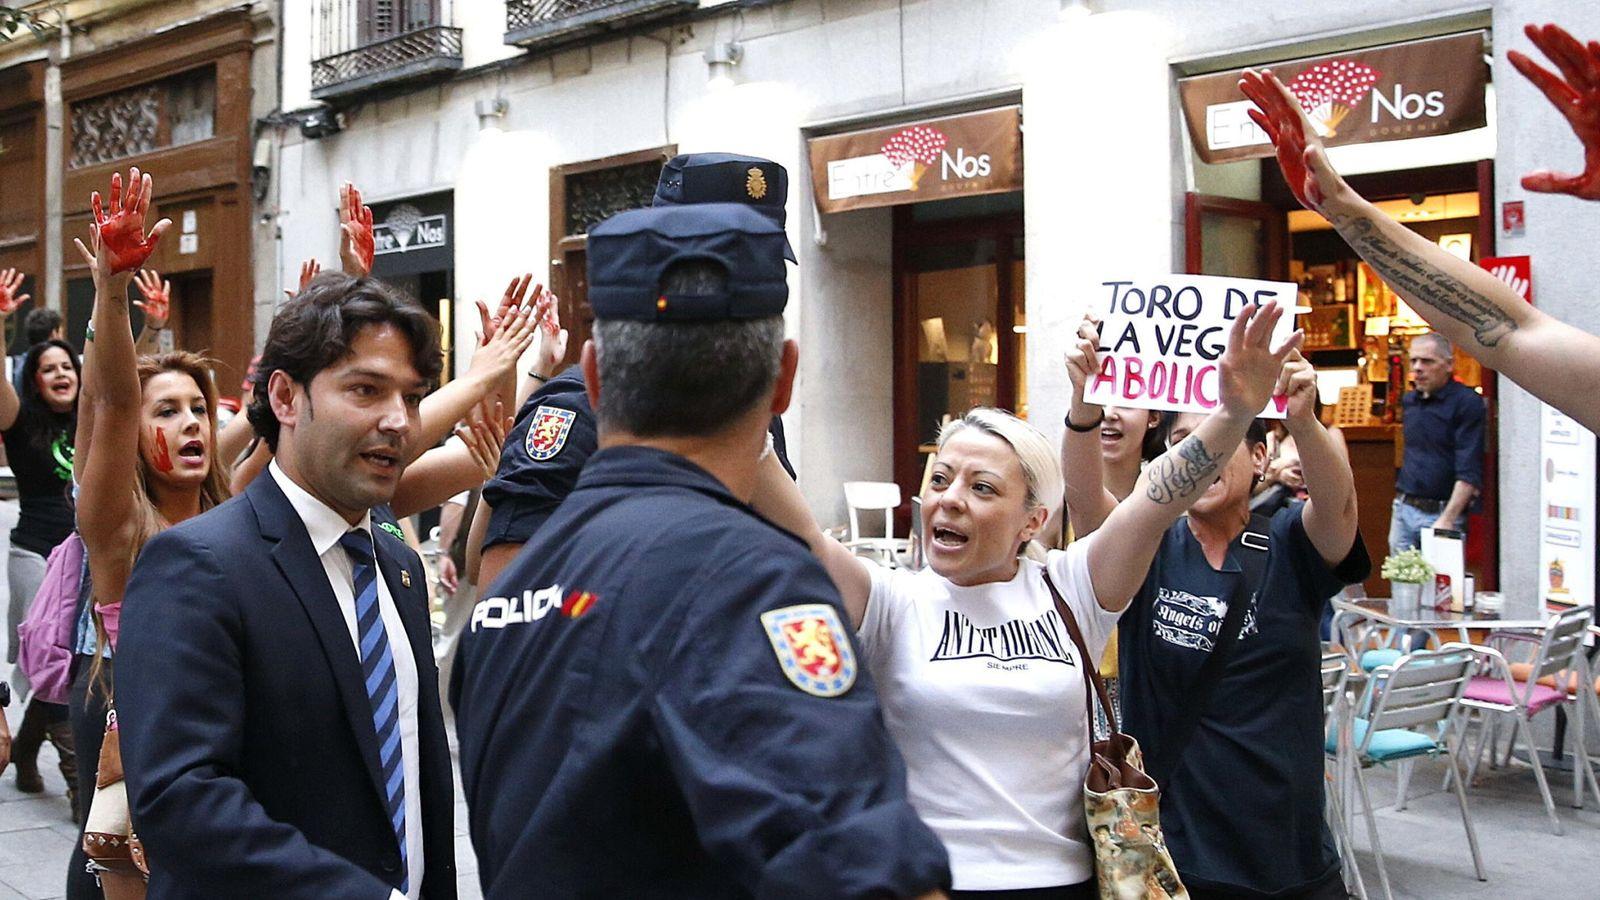 Foto: Jose Antonio Gonzalez, alcalde de Tordesillas es increpado por personas antitaurinas hace unos días. (EFE)